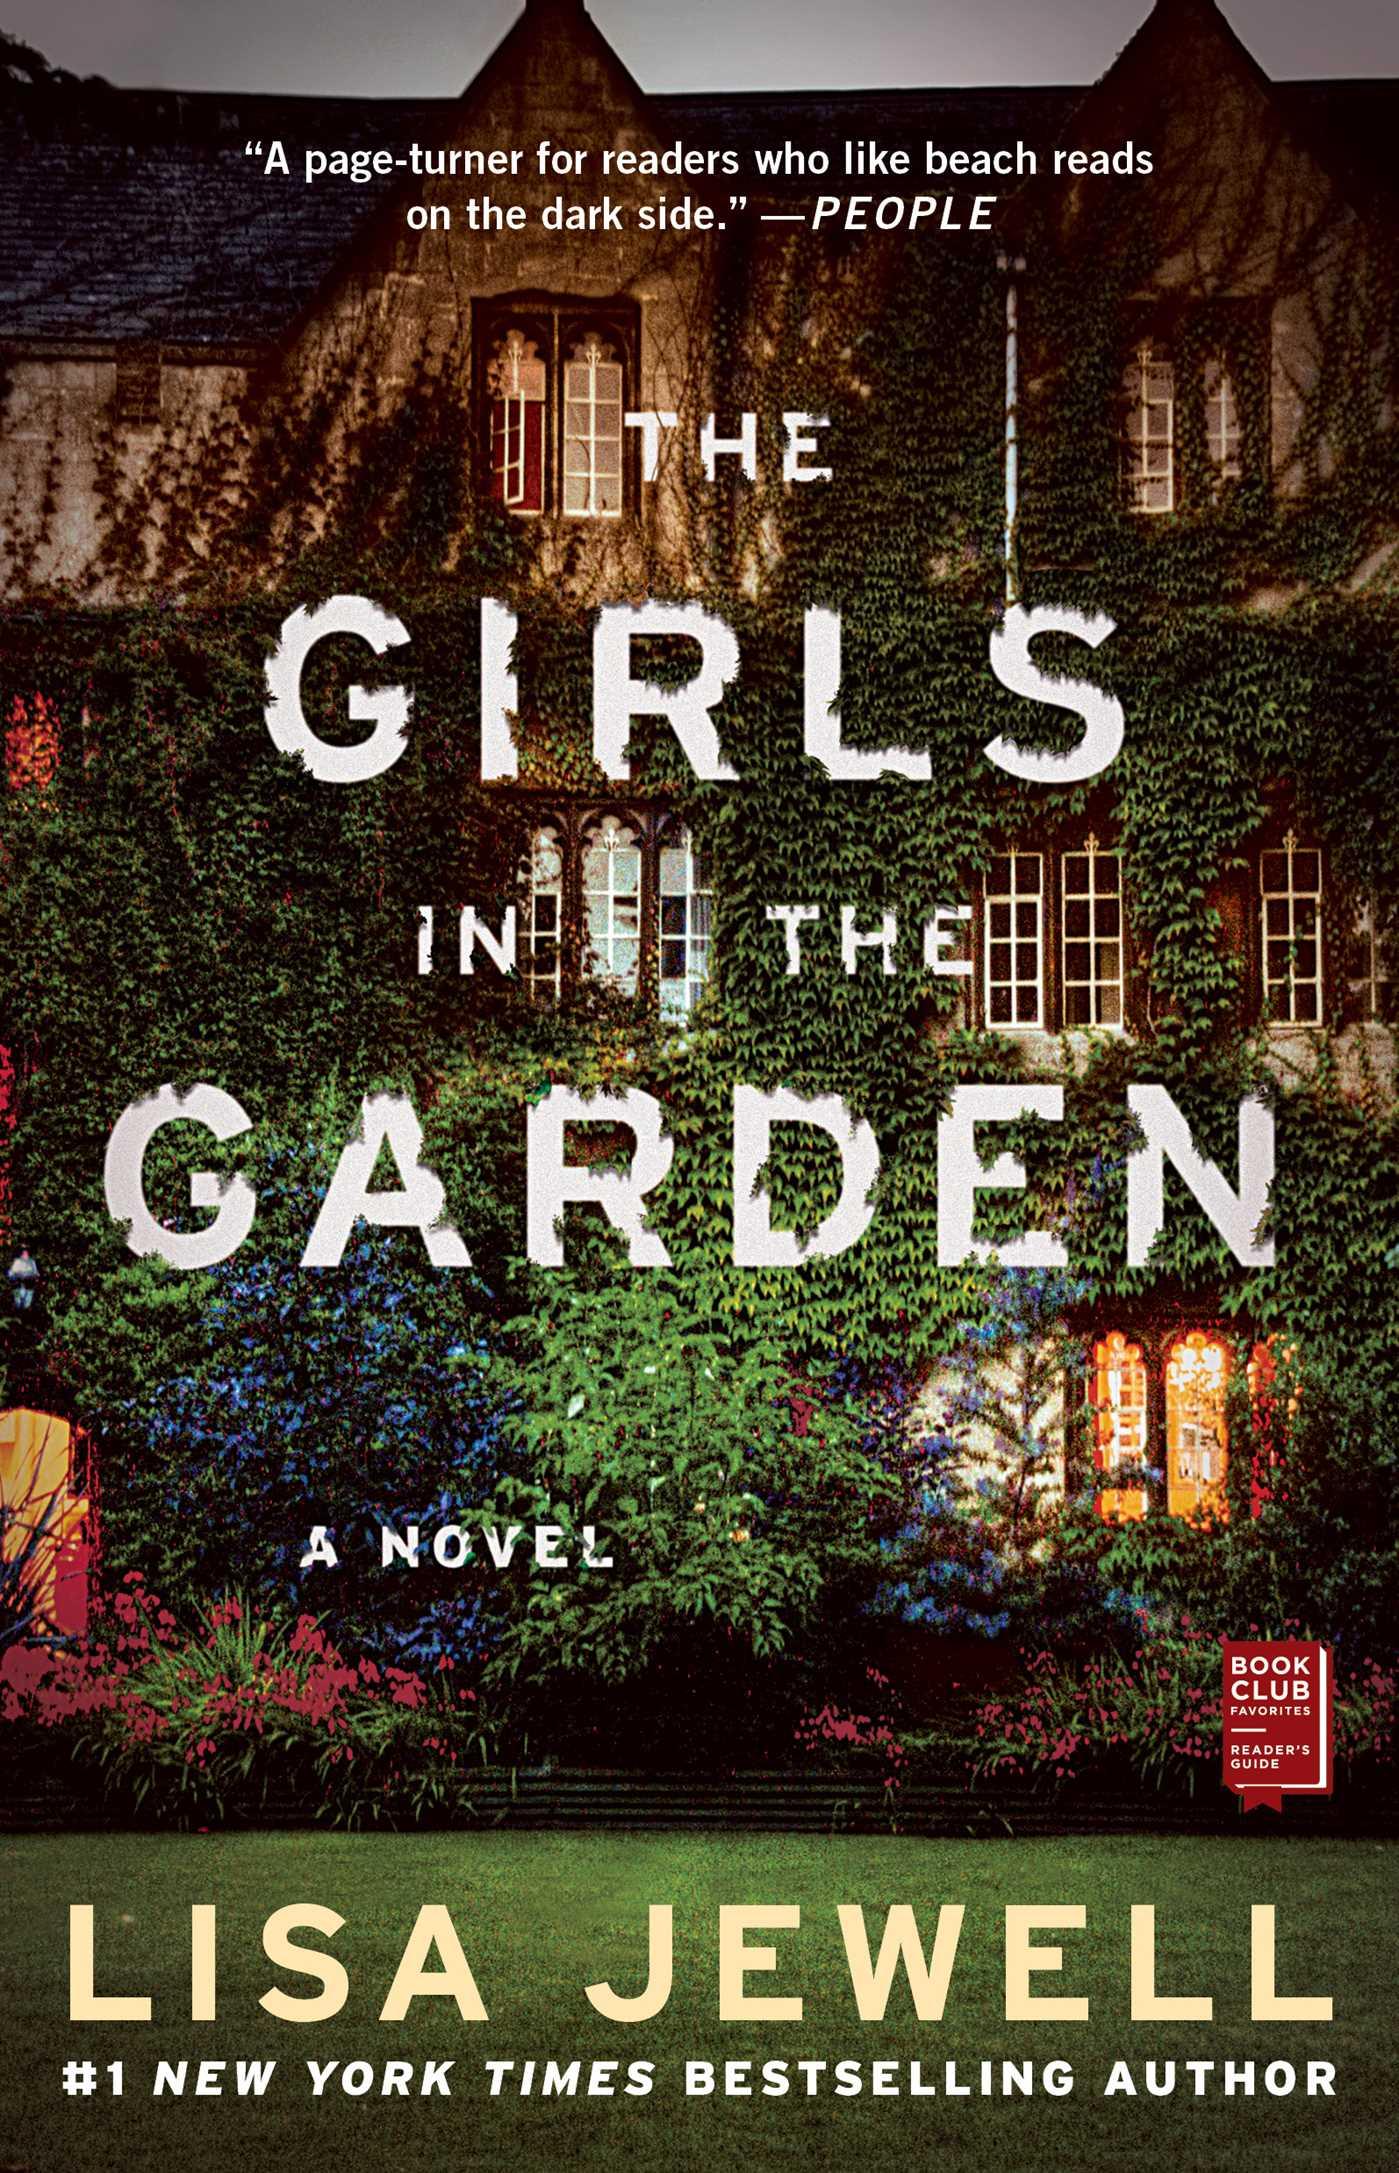 The girls in the garden 9781476792224 hr